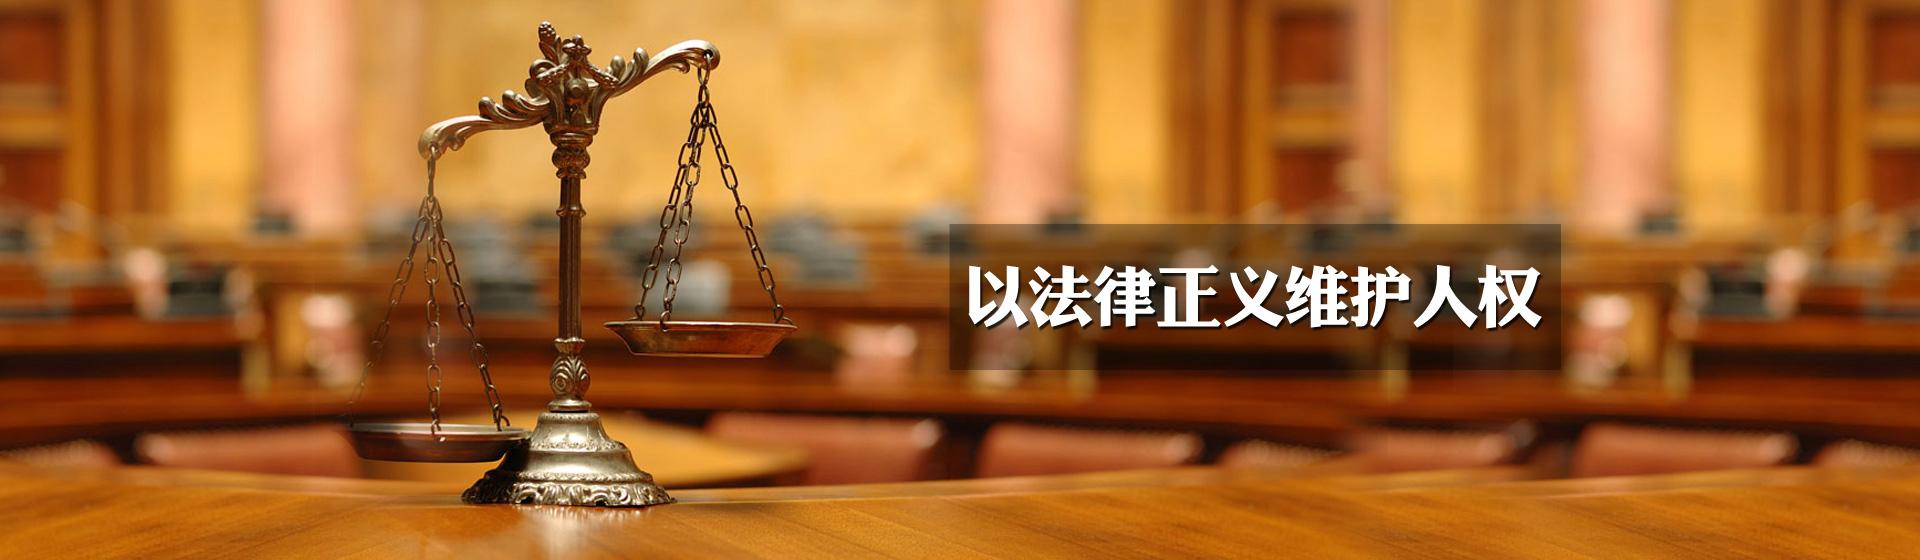 无锡合同纠纷律师